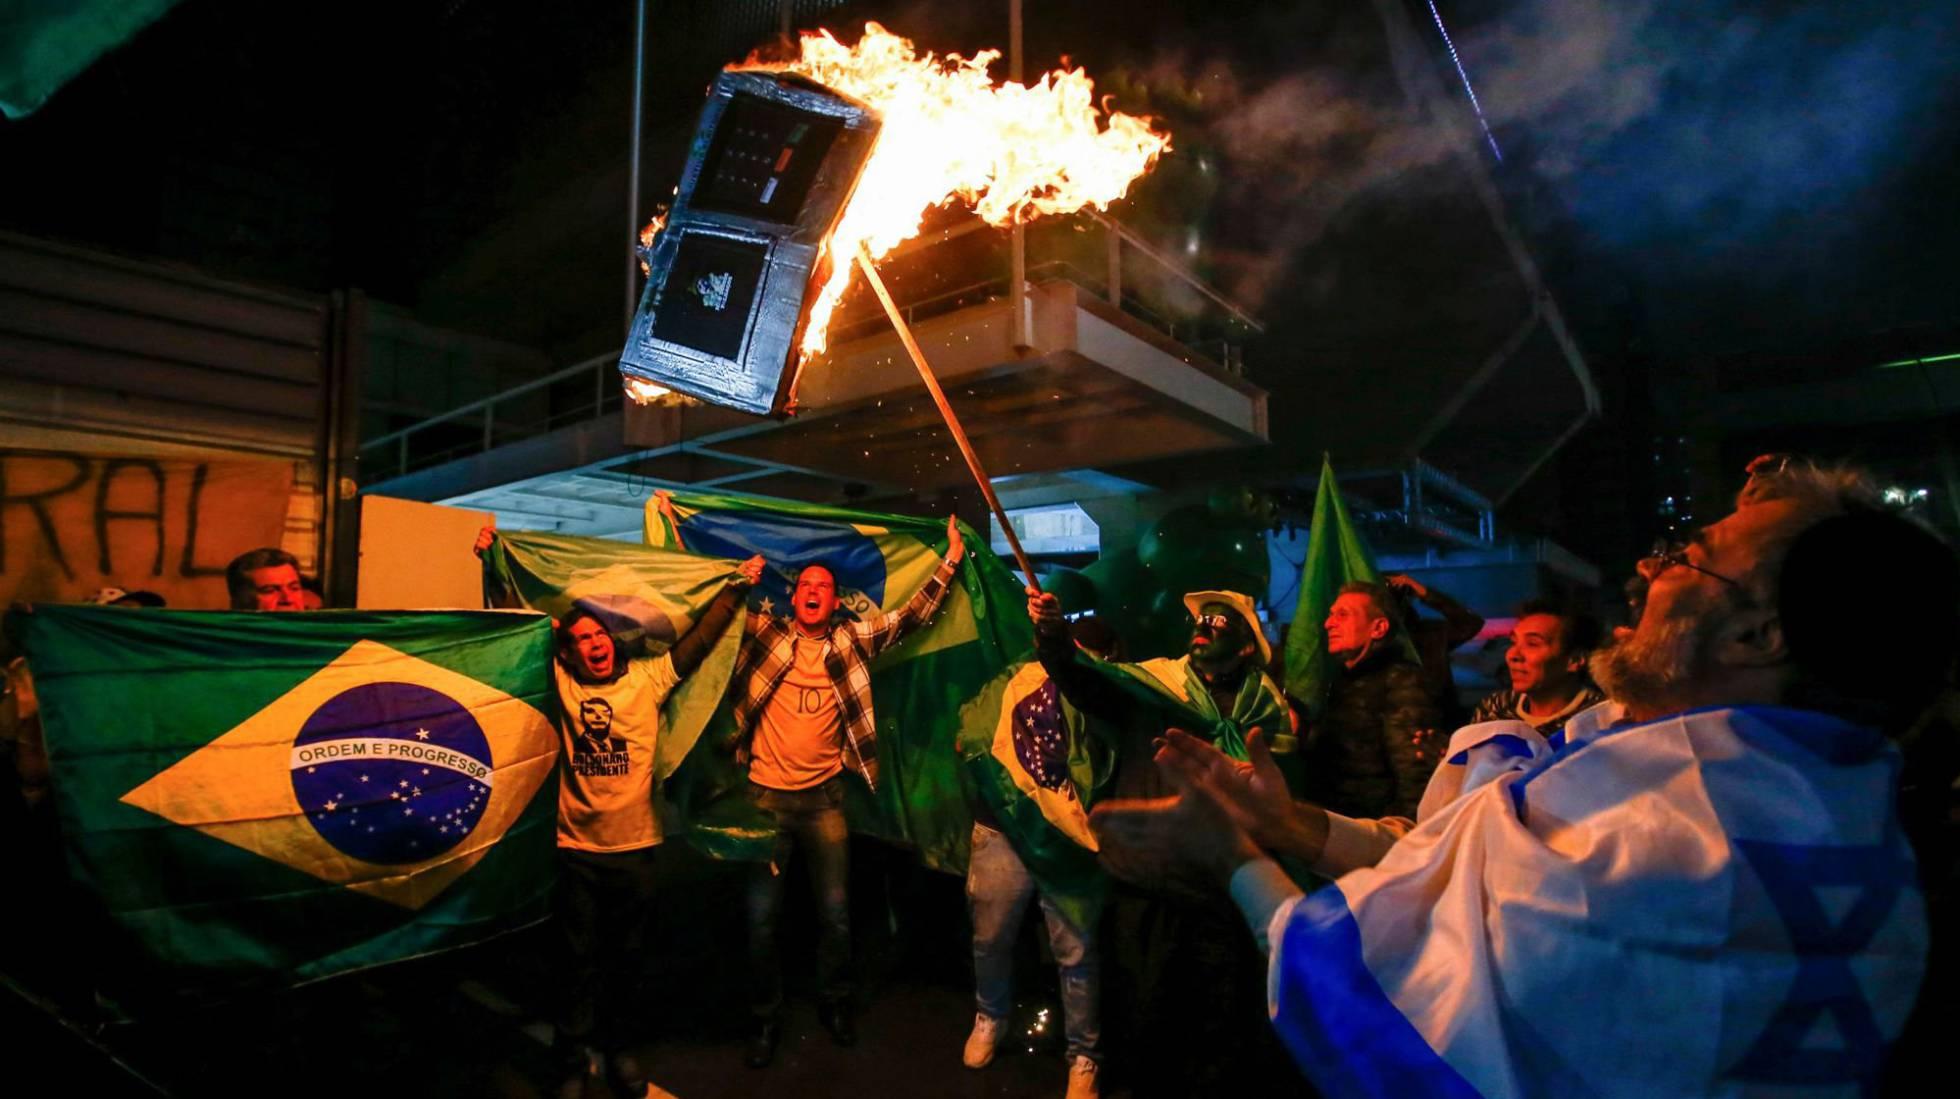 se-incrementa-la-violencia-politica-en-brasil-antes-de-la-segunda-vuelta-electoral